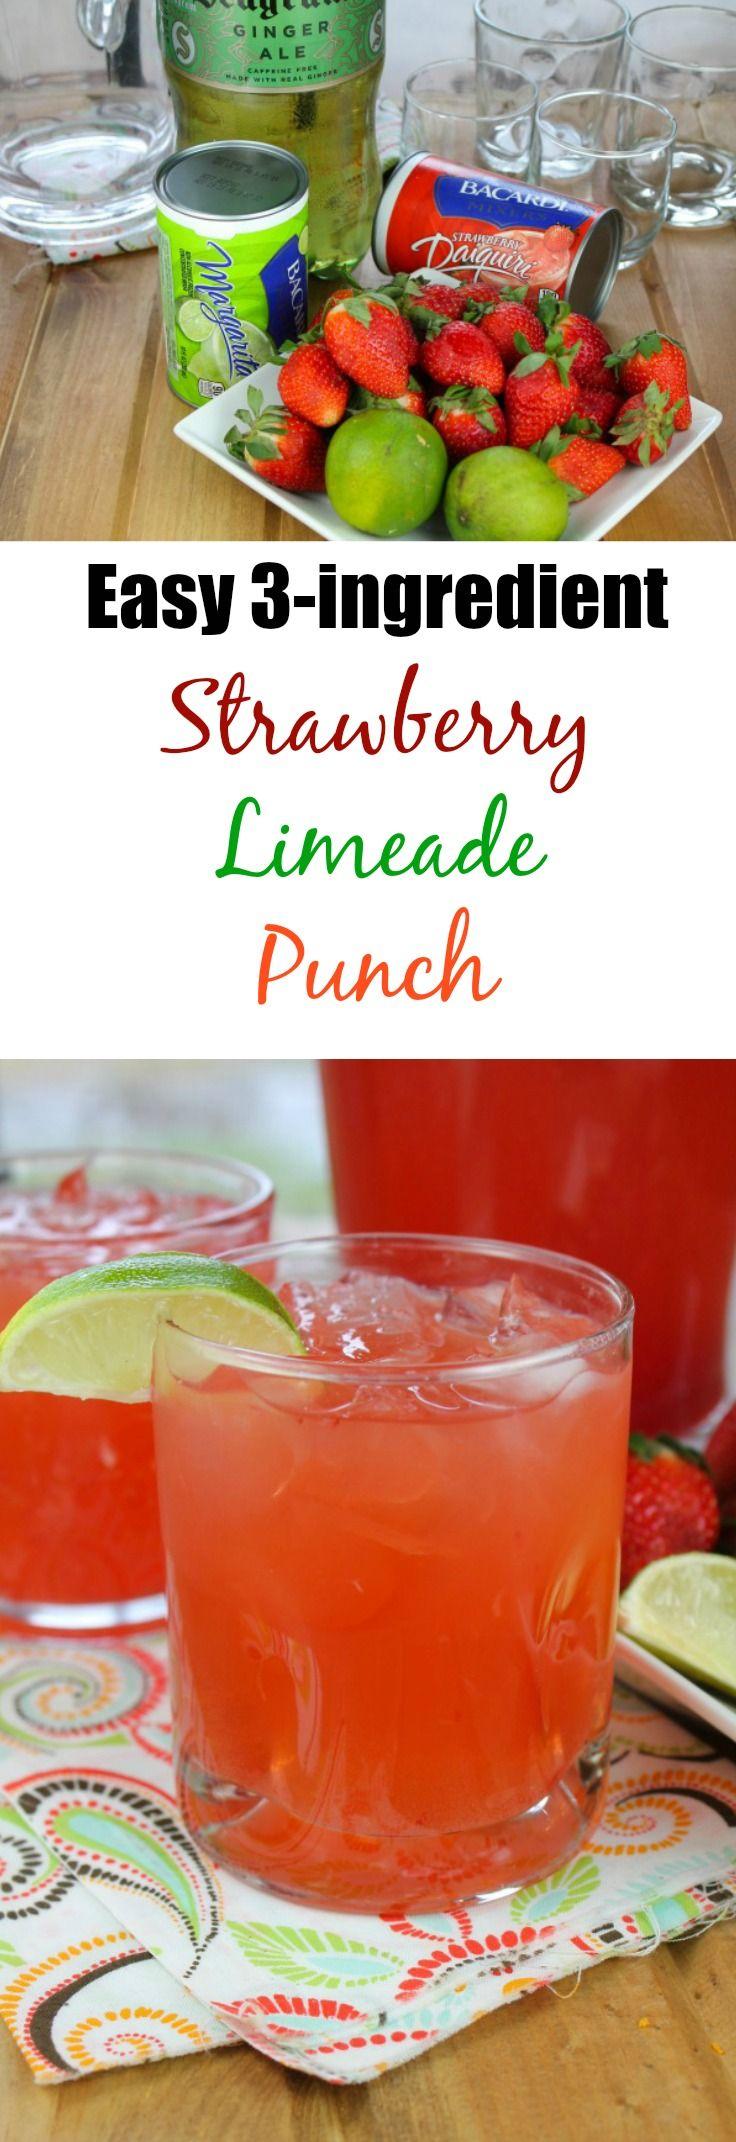 Best 25+ Frozen punch recipe ideas on Pinterest | Frozen alcoholic ...